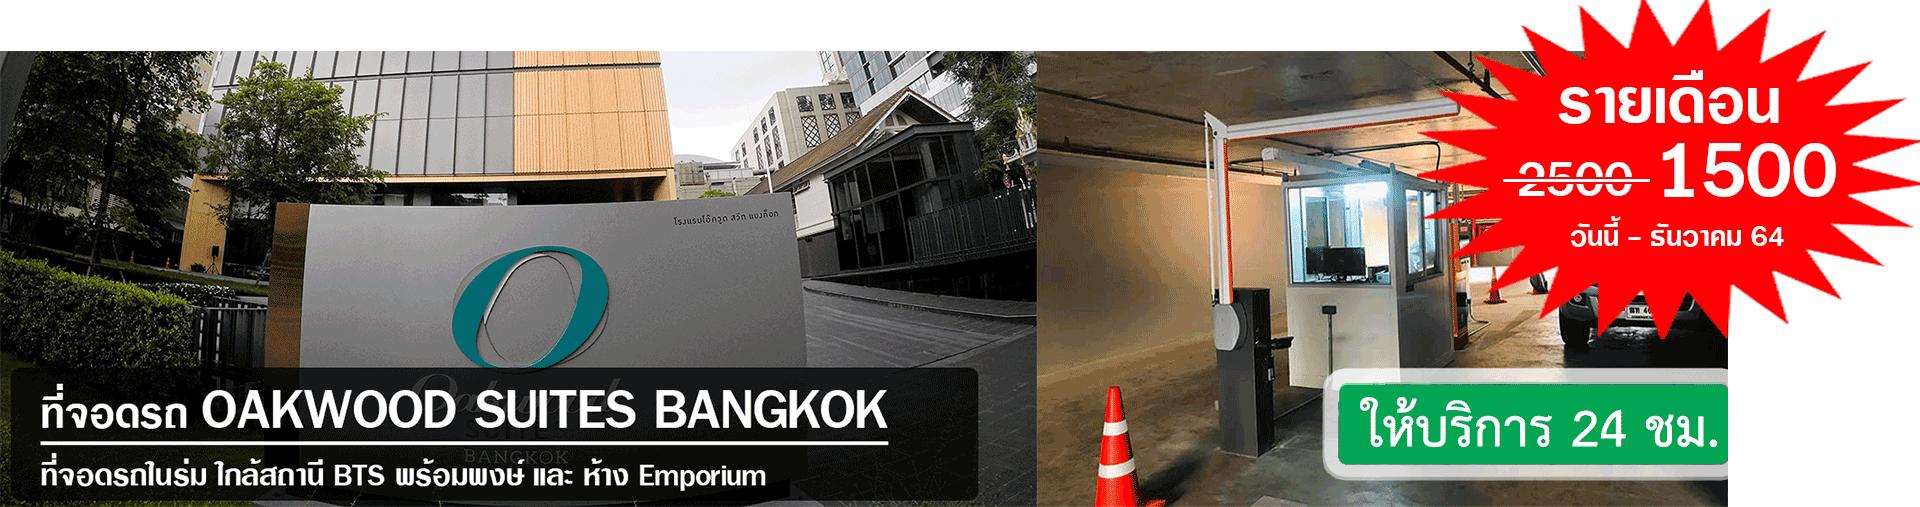 ที่จอดรถ OAKWOOD SUITES BANGKOK สุขุมวิท24